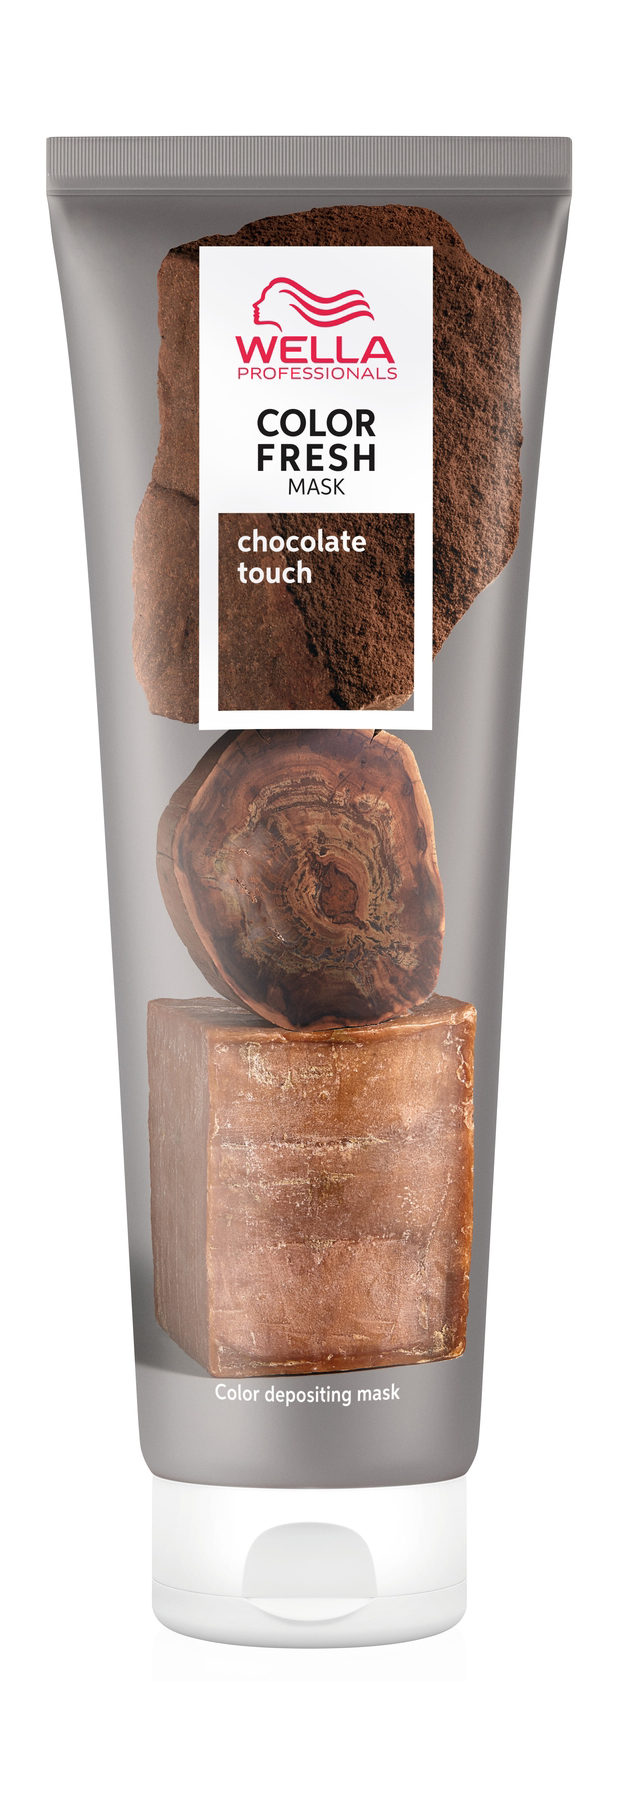 Купить Оттеночная маска для волос Wella Professionals Color Fresh Mask Chocolate touch 150 мл